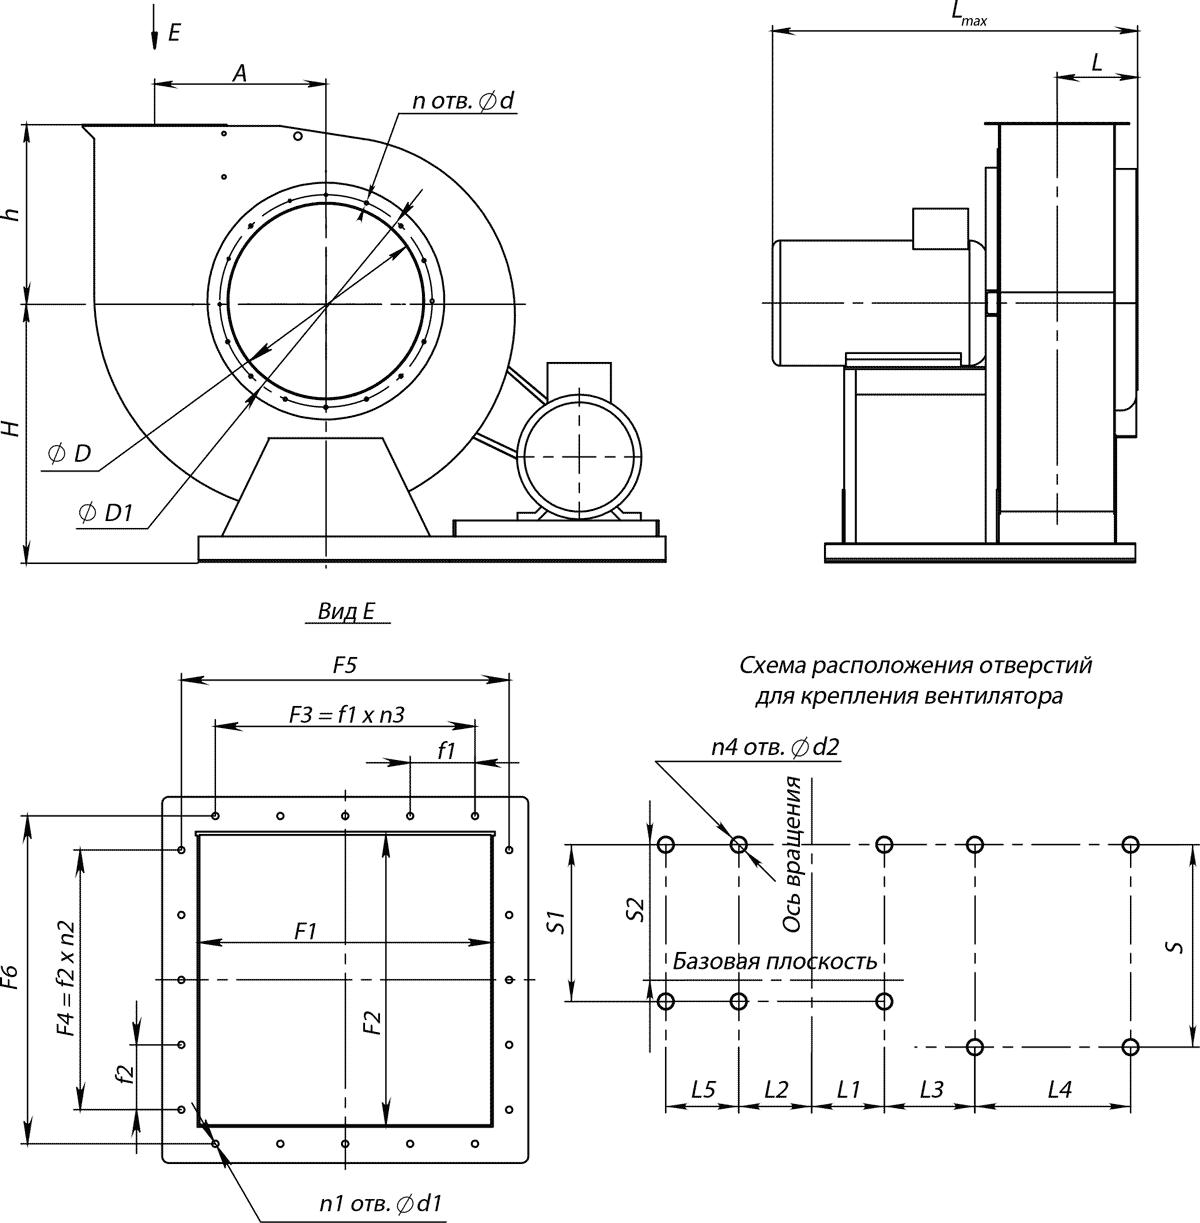 Габаритно-присоединительные размеры вентилятора ВР 80-75-6.3 исполнение 5